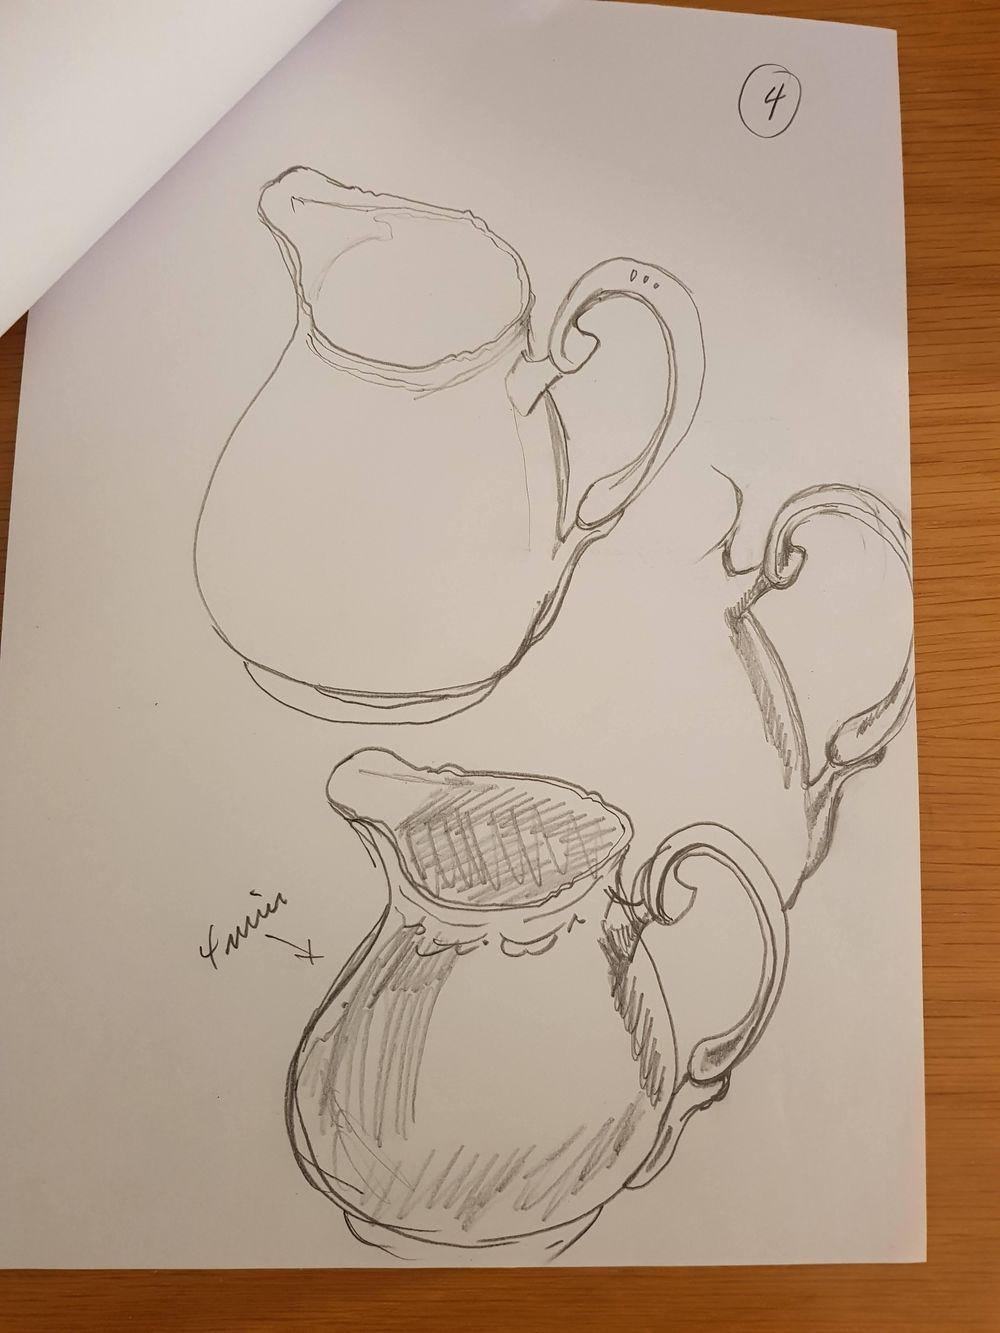 Daglig 6 min 14 dager tegnetrening - image 10 - student project